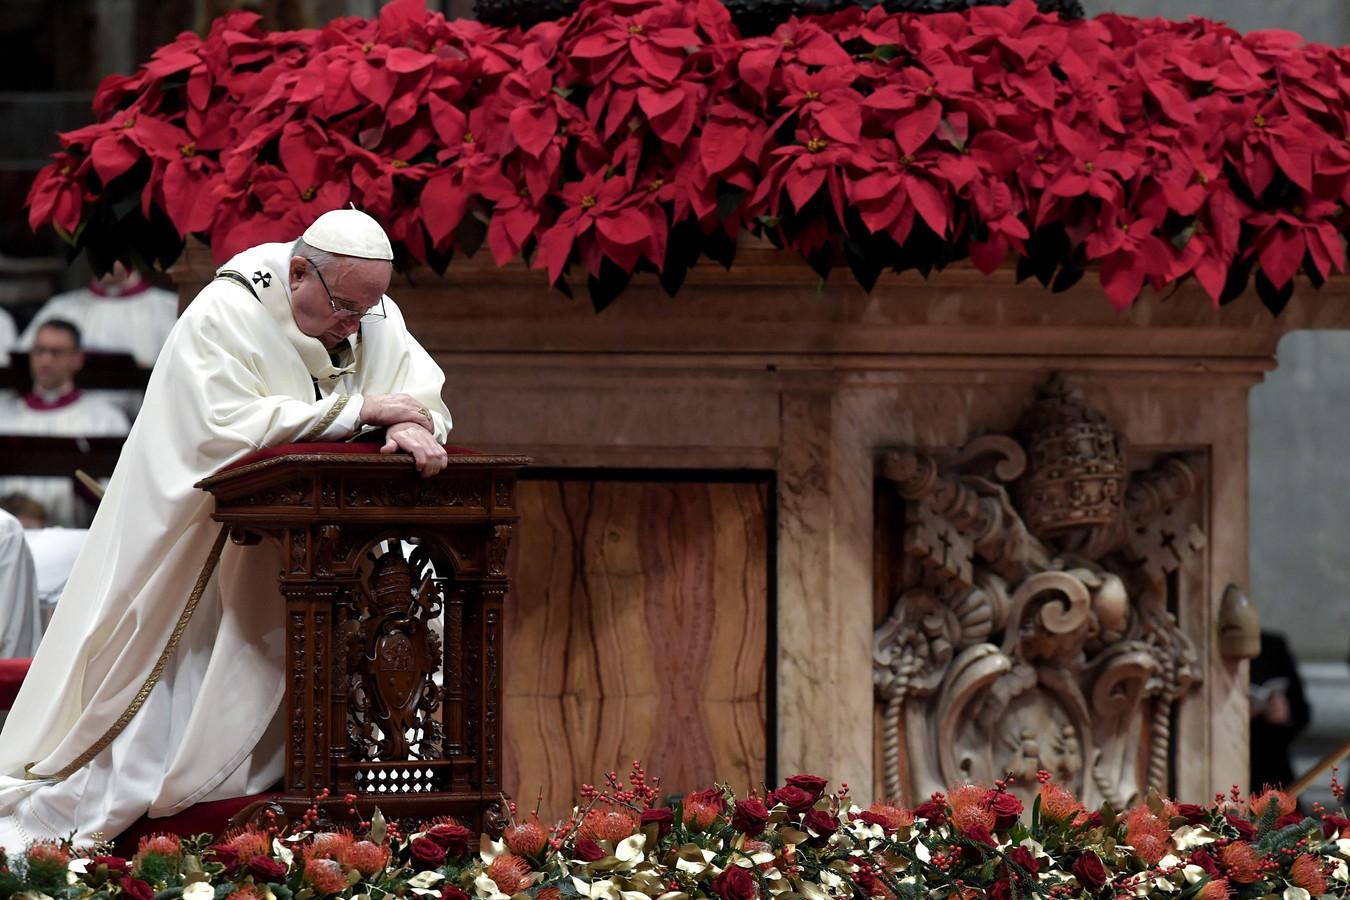 Tijdens de kerstnachtmis in de Sint-Pietersbasiliek in Rome sprak paus Franciscus kritisch over de menselijke hebzucht en overdreven consumptiedrang. ,,Niet materiële rijkdom, maar liefde voedt het leven.''